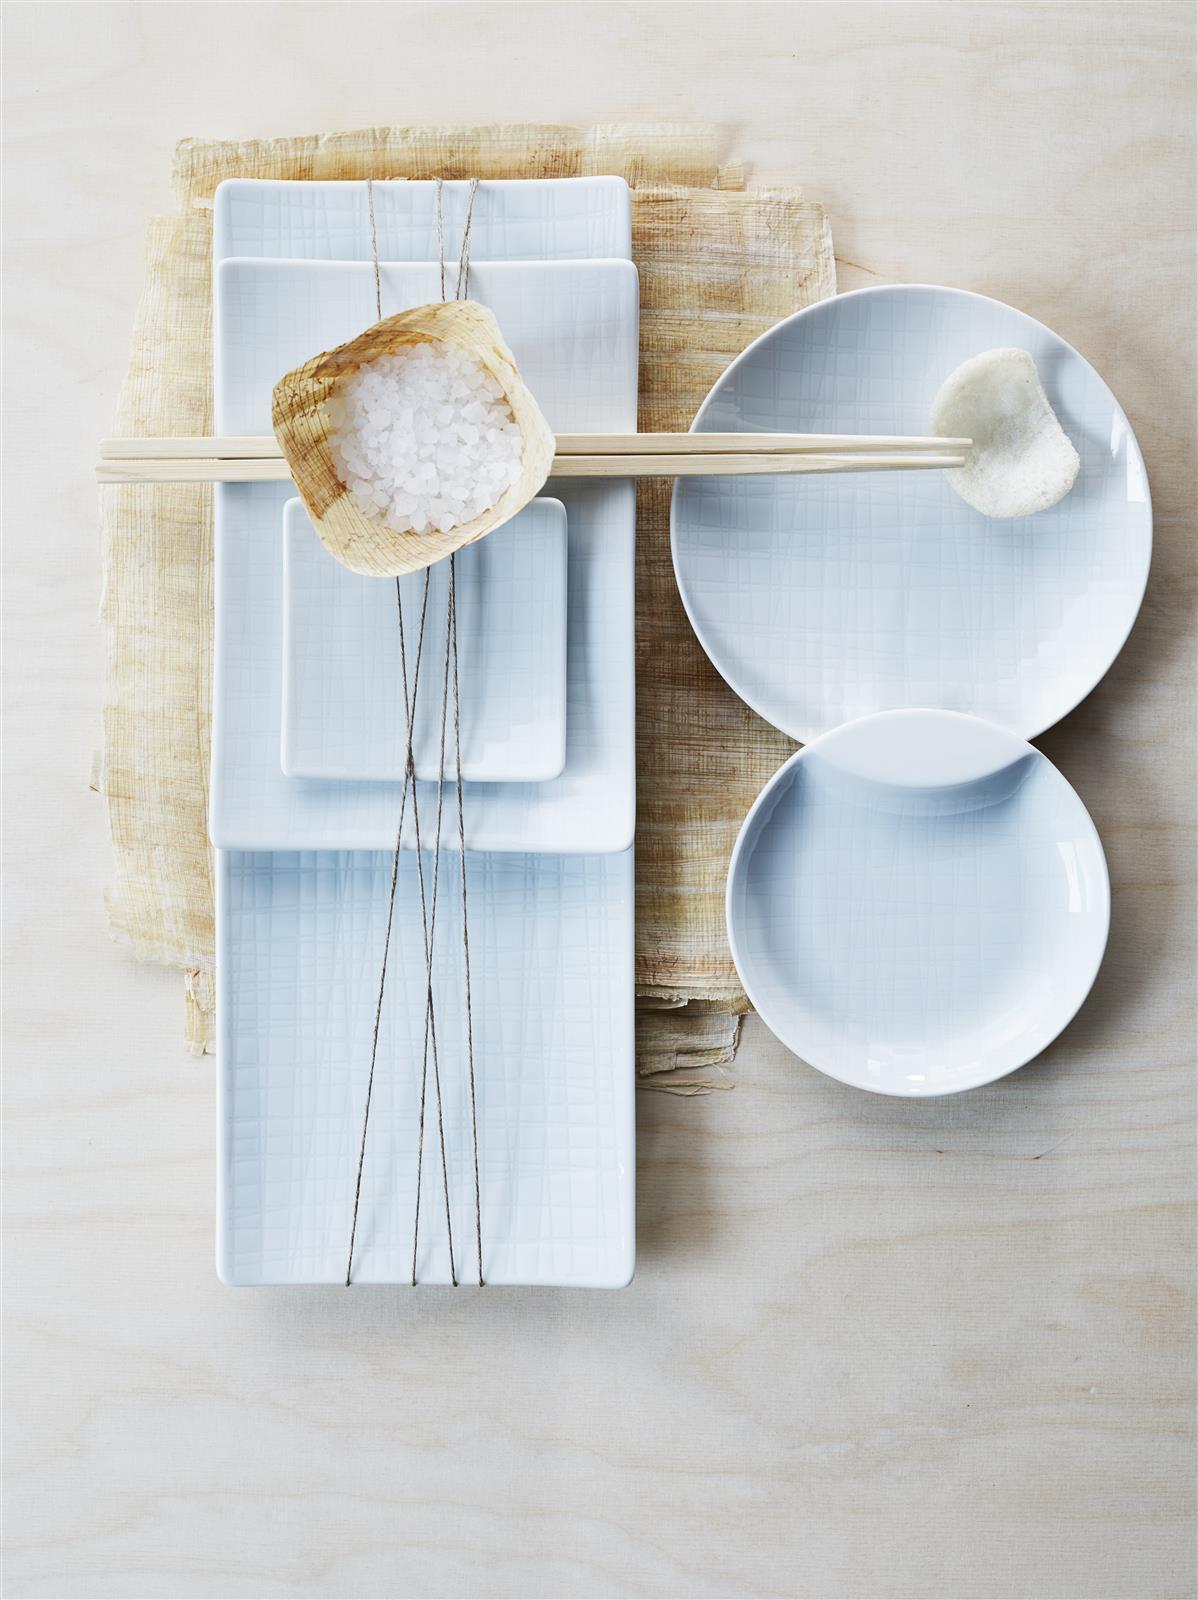 rosenthal geschirr set mesh 20 teilig eur 159 50. Black Bedroom Furniture Sets. Home Design Ideas